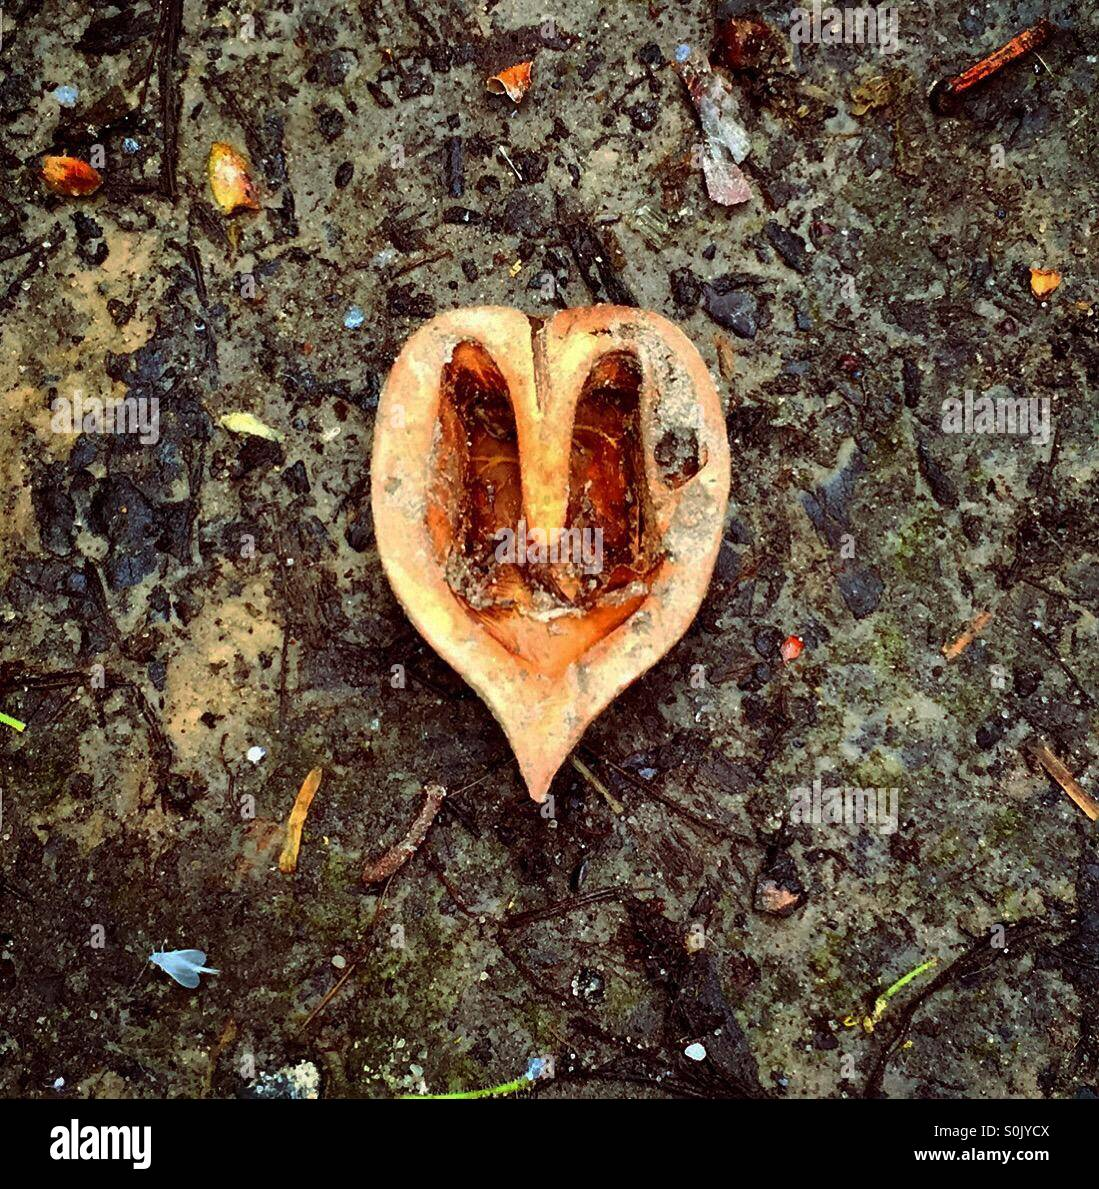 A forma di cuore shell il dado sul pavimento sporco Immagini Stock